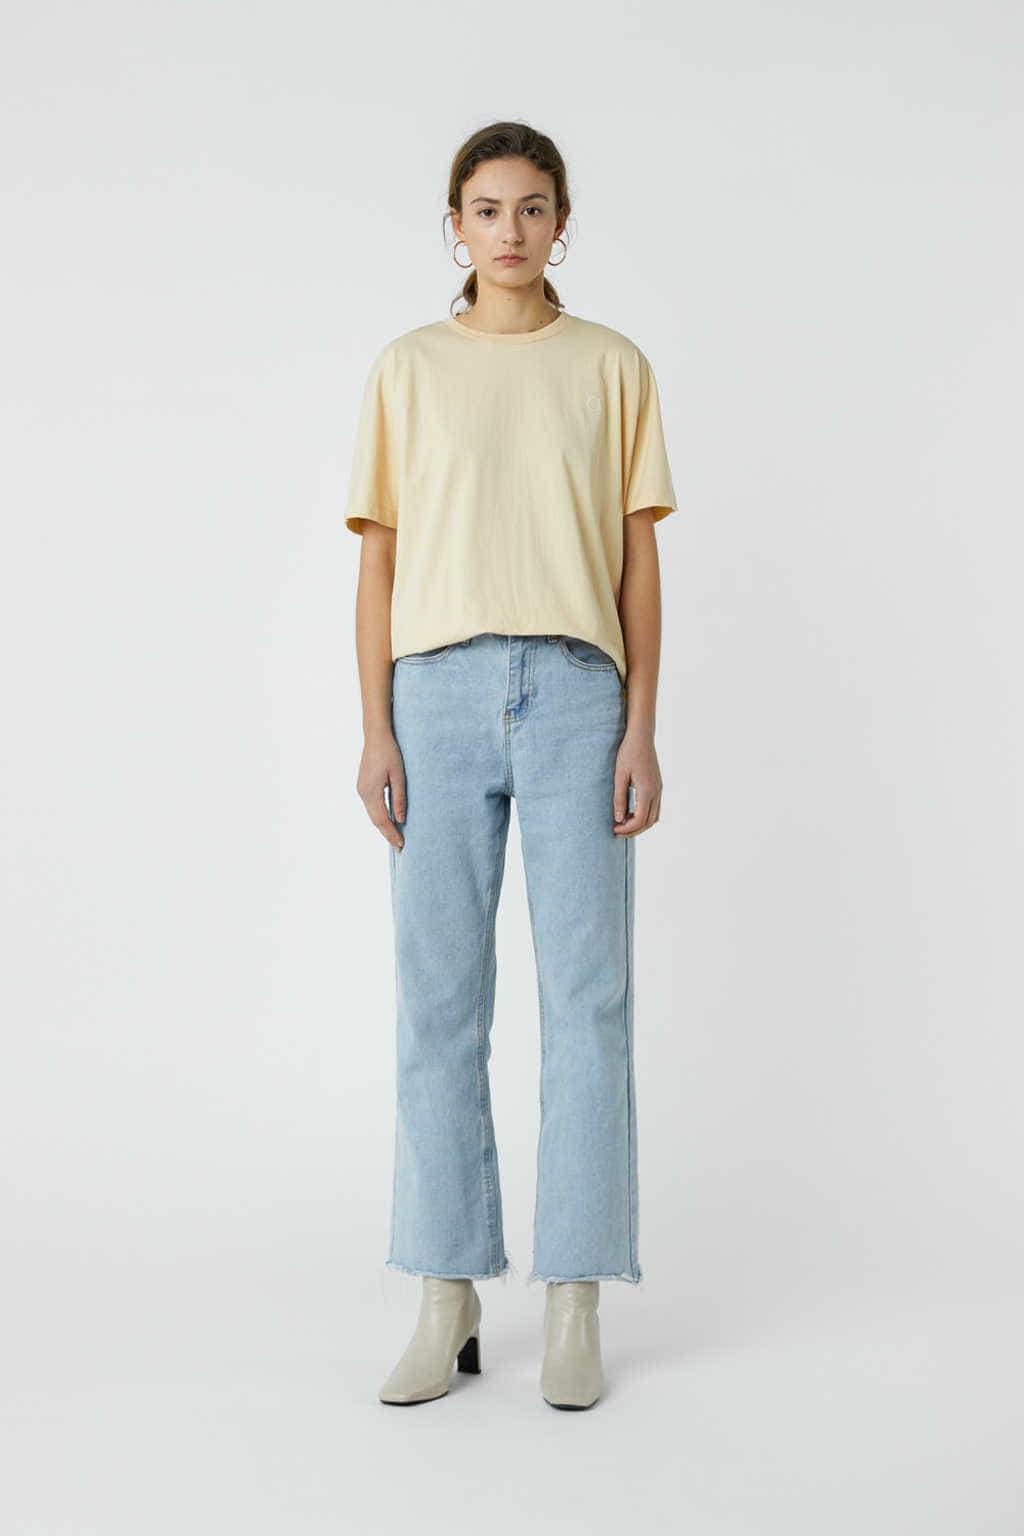 TShirt 3315 Yellow 8